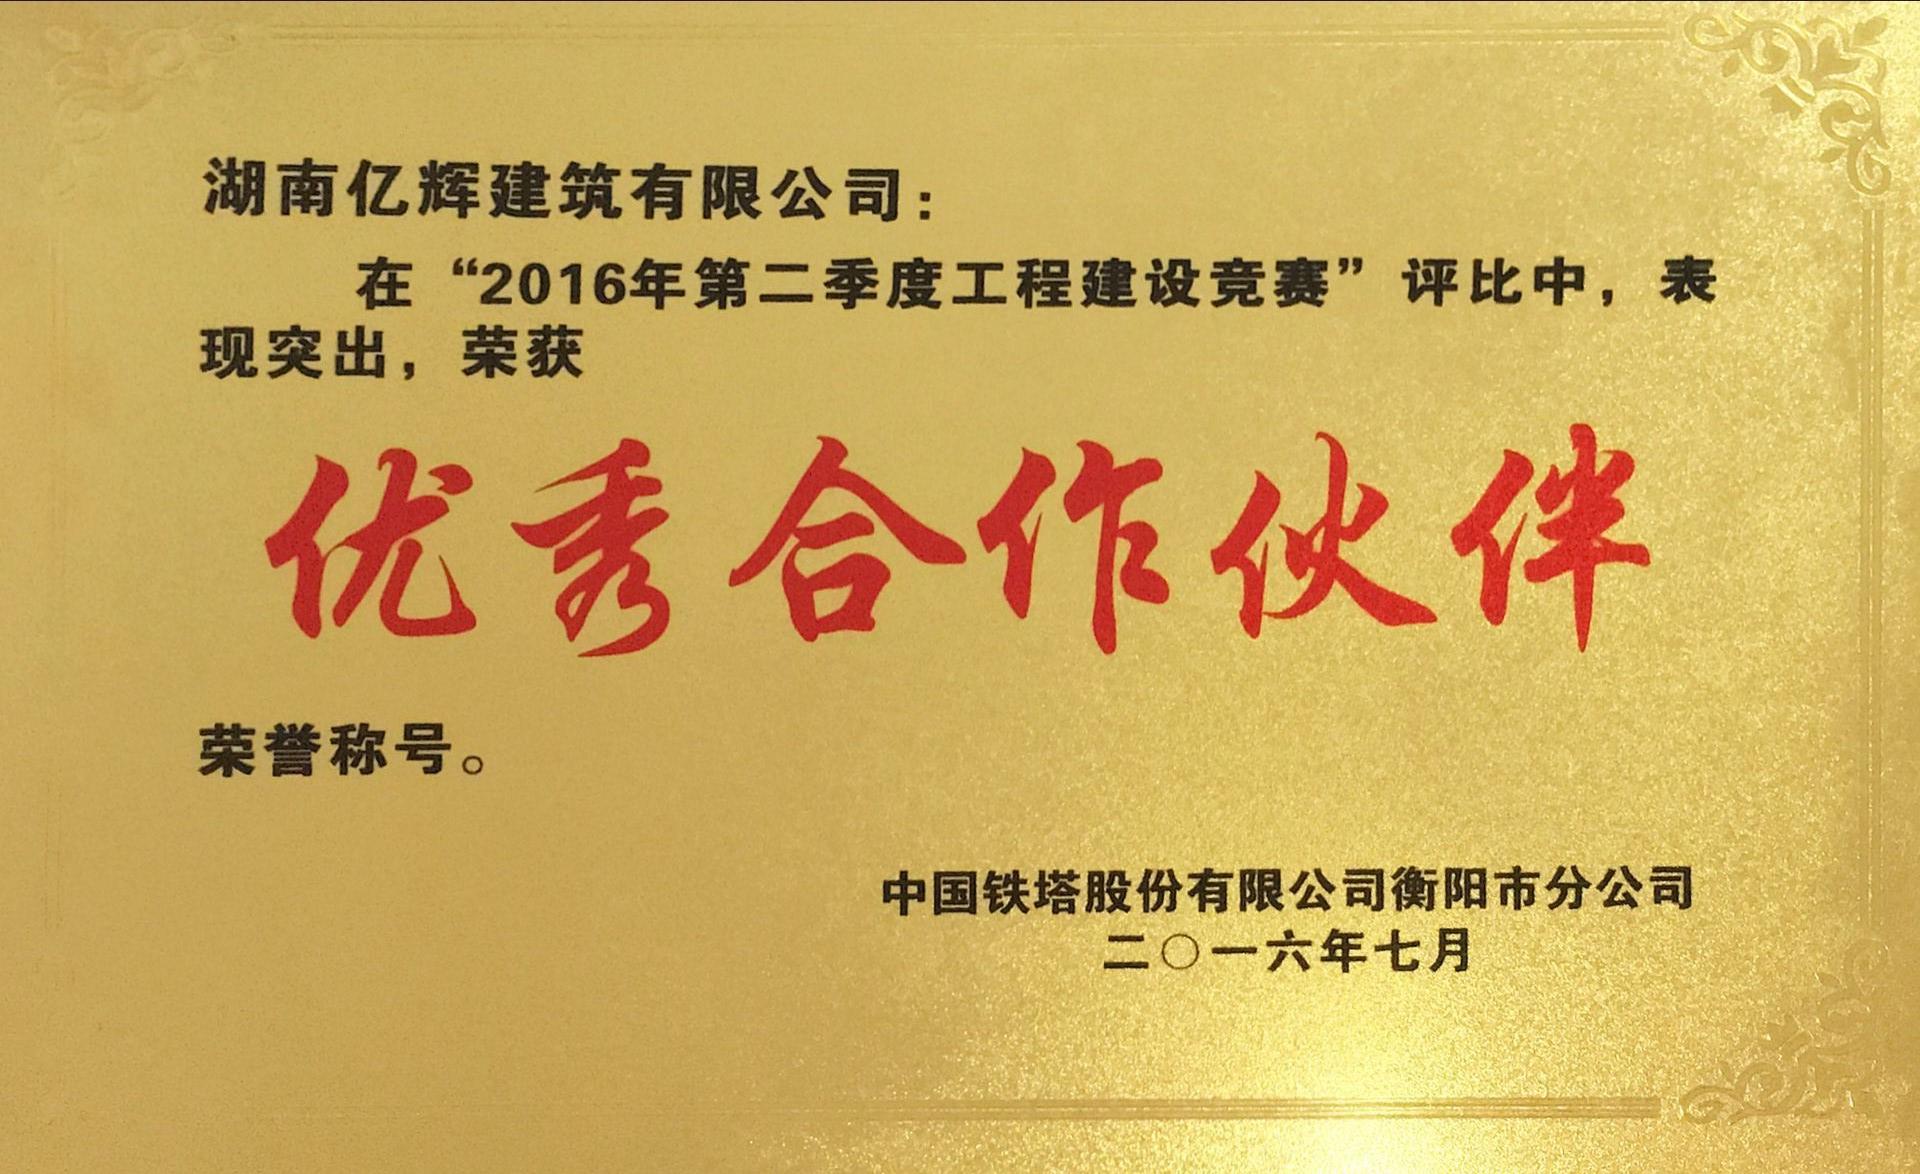 中国铁塔优秀合作伙伴